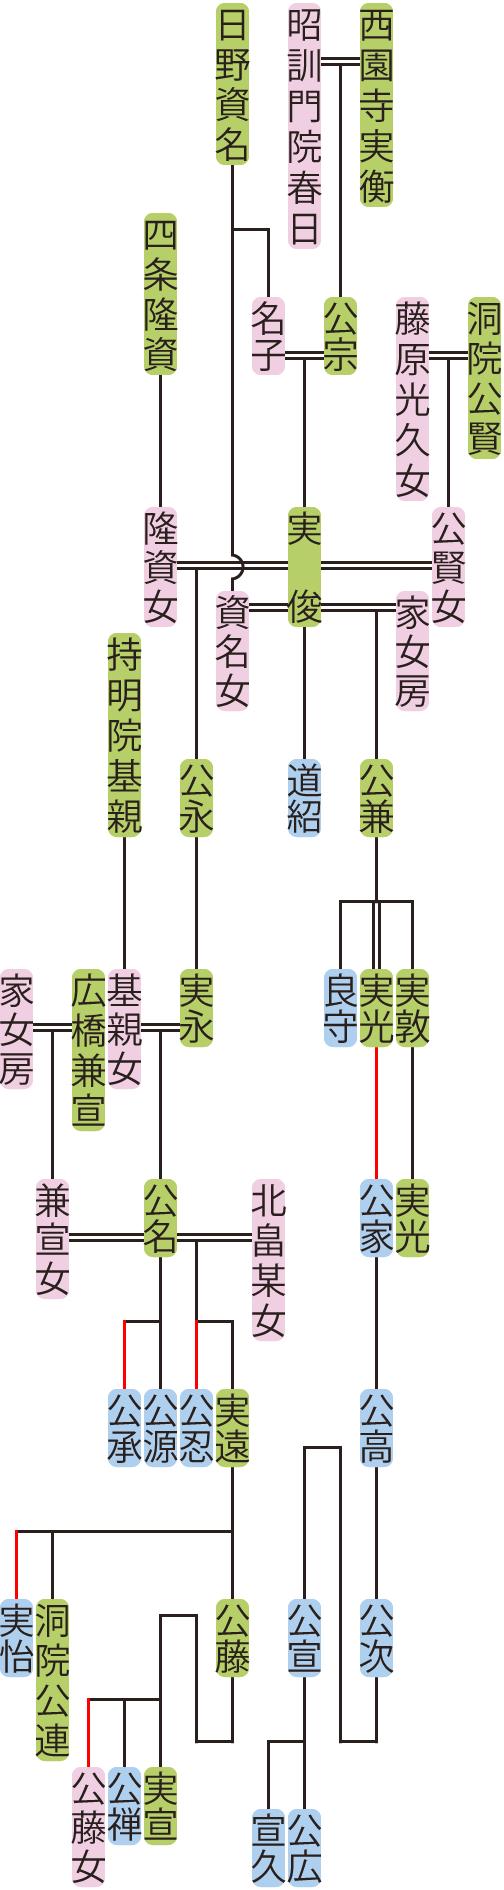 西園寺実俊~実遠の系図